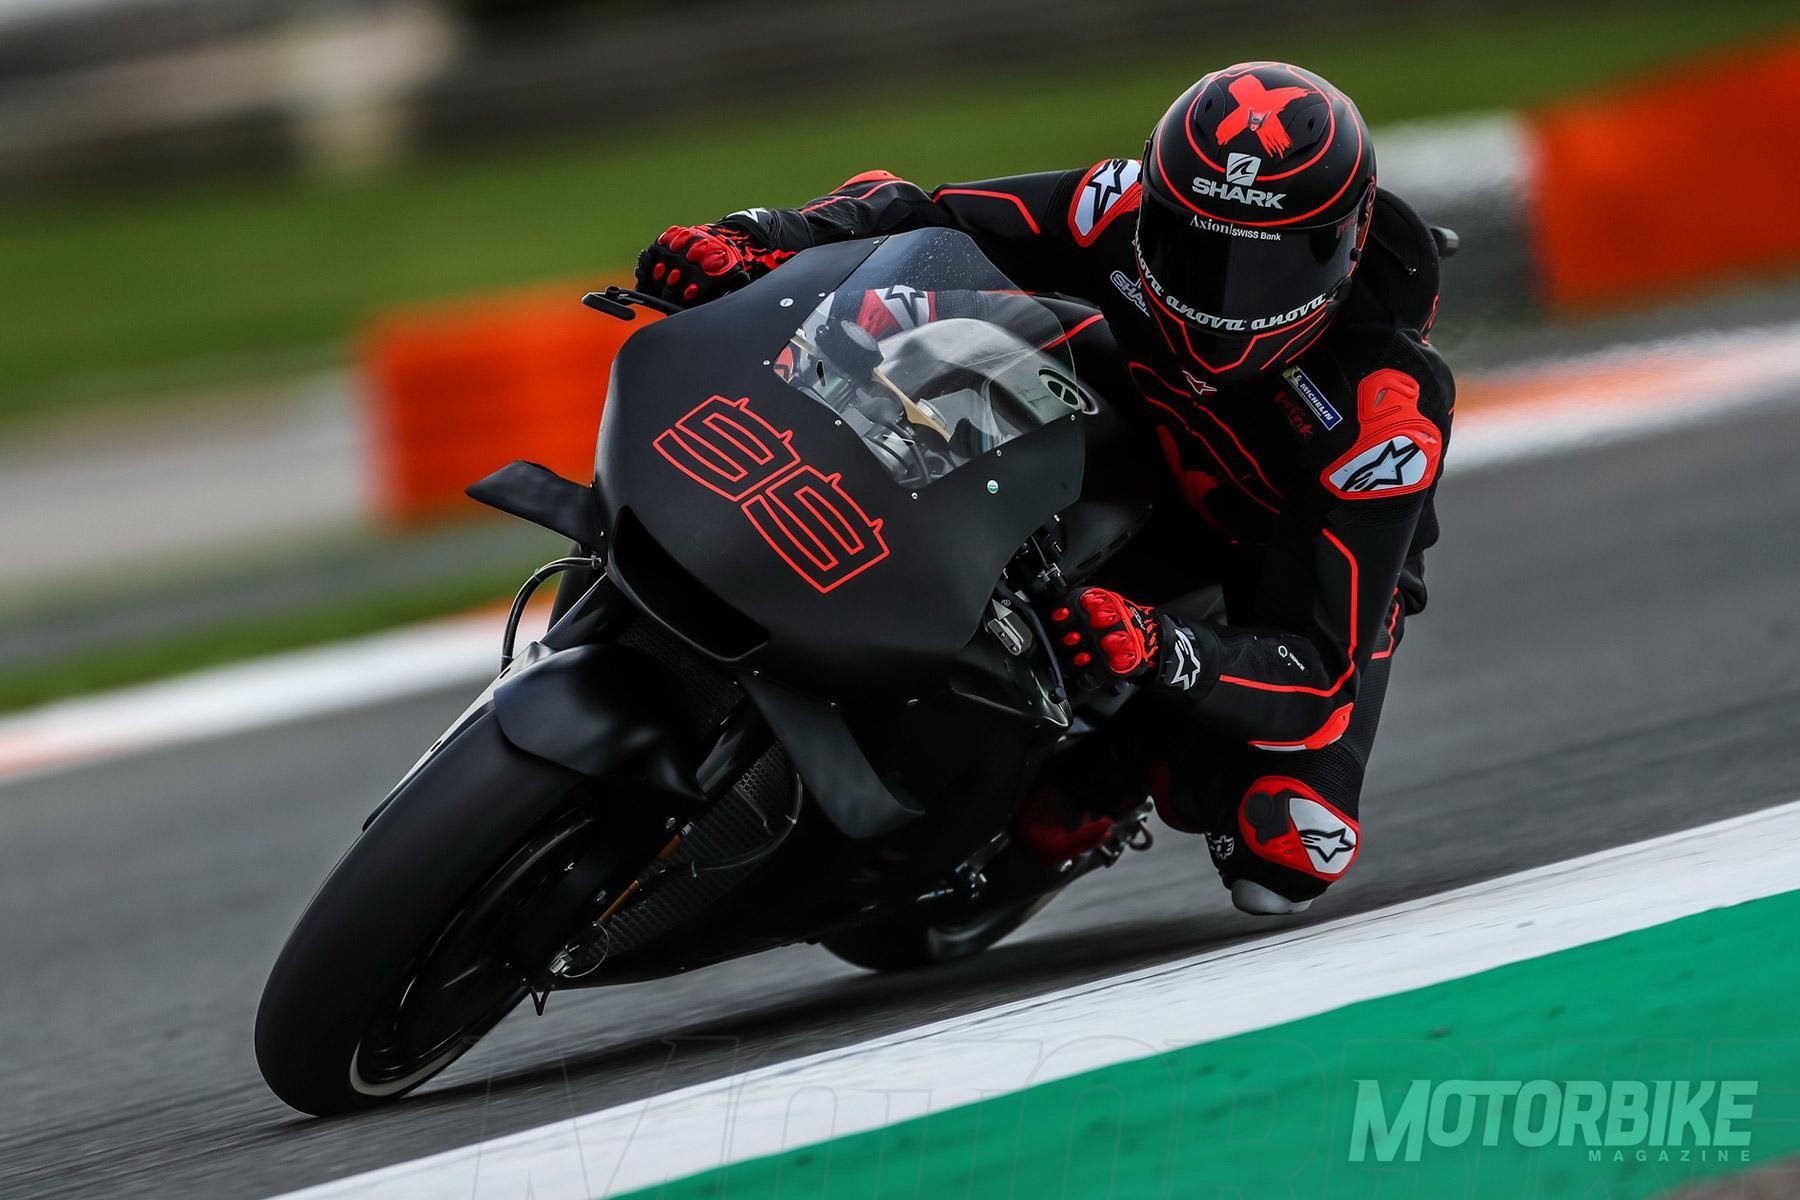 Especial entrenamientos de pretemporada MotoGP Valencia 2018-2019 - Motorbike Magazine